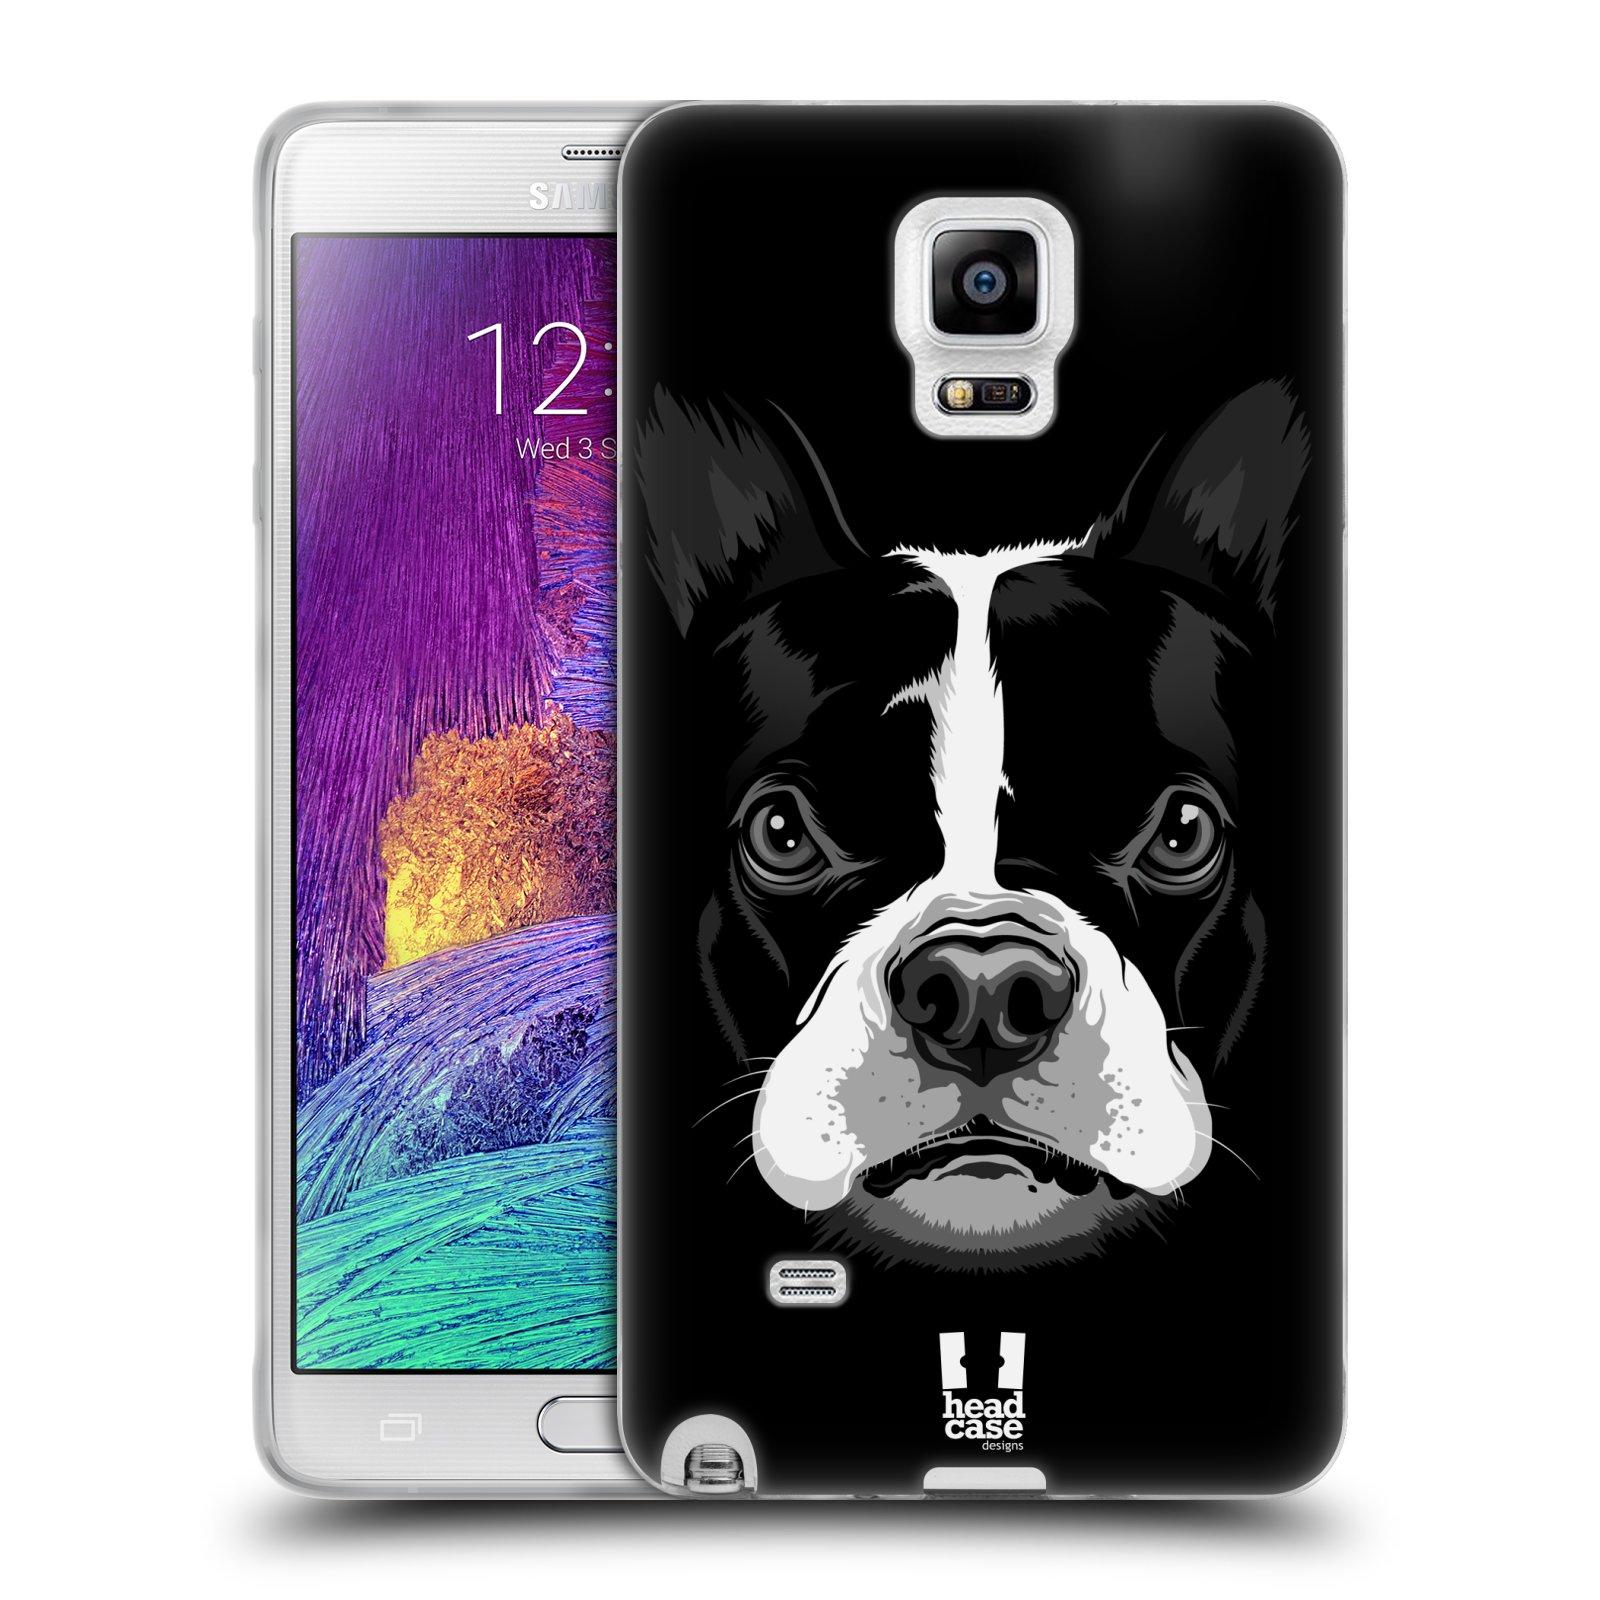 HEAD CASE silikonový obal na mobil Samsung Galaxy Note 4 (N910) vzor Zvíře kreslená tvář 2 buldok